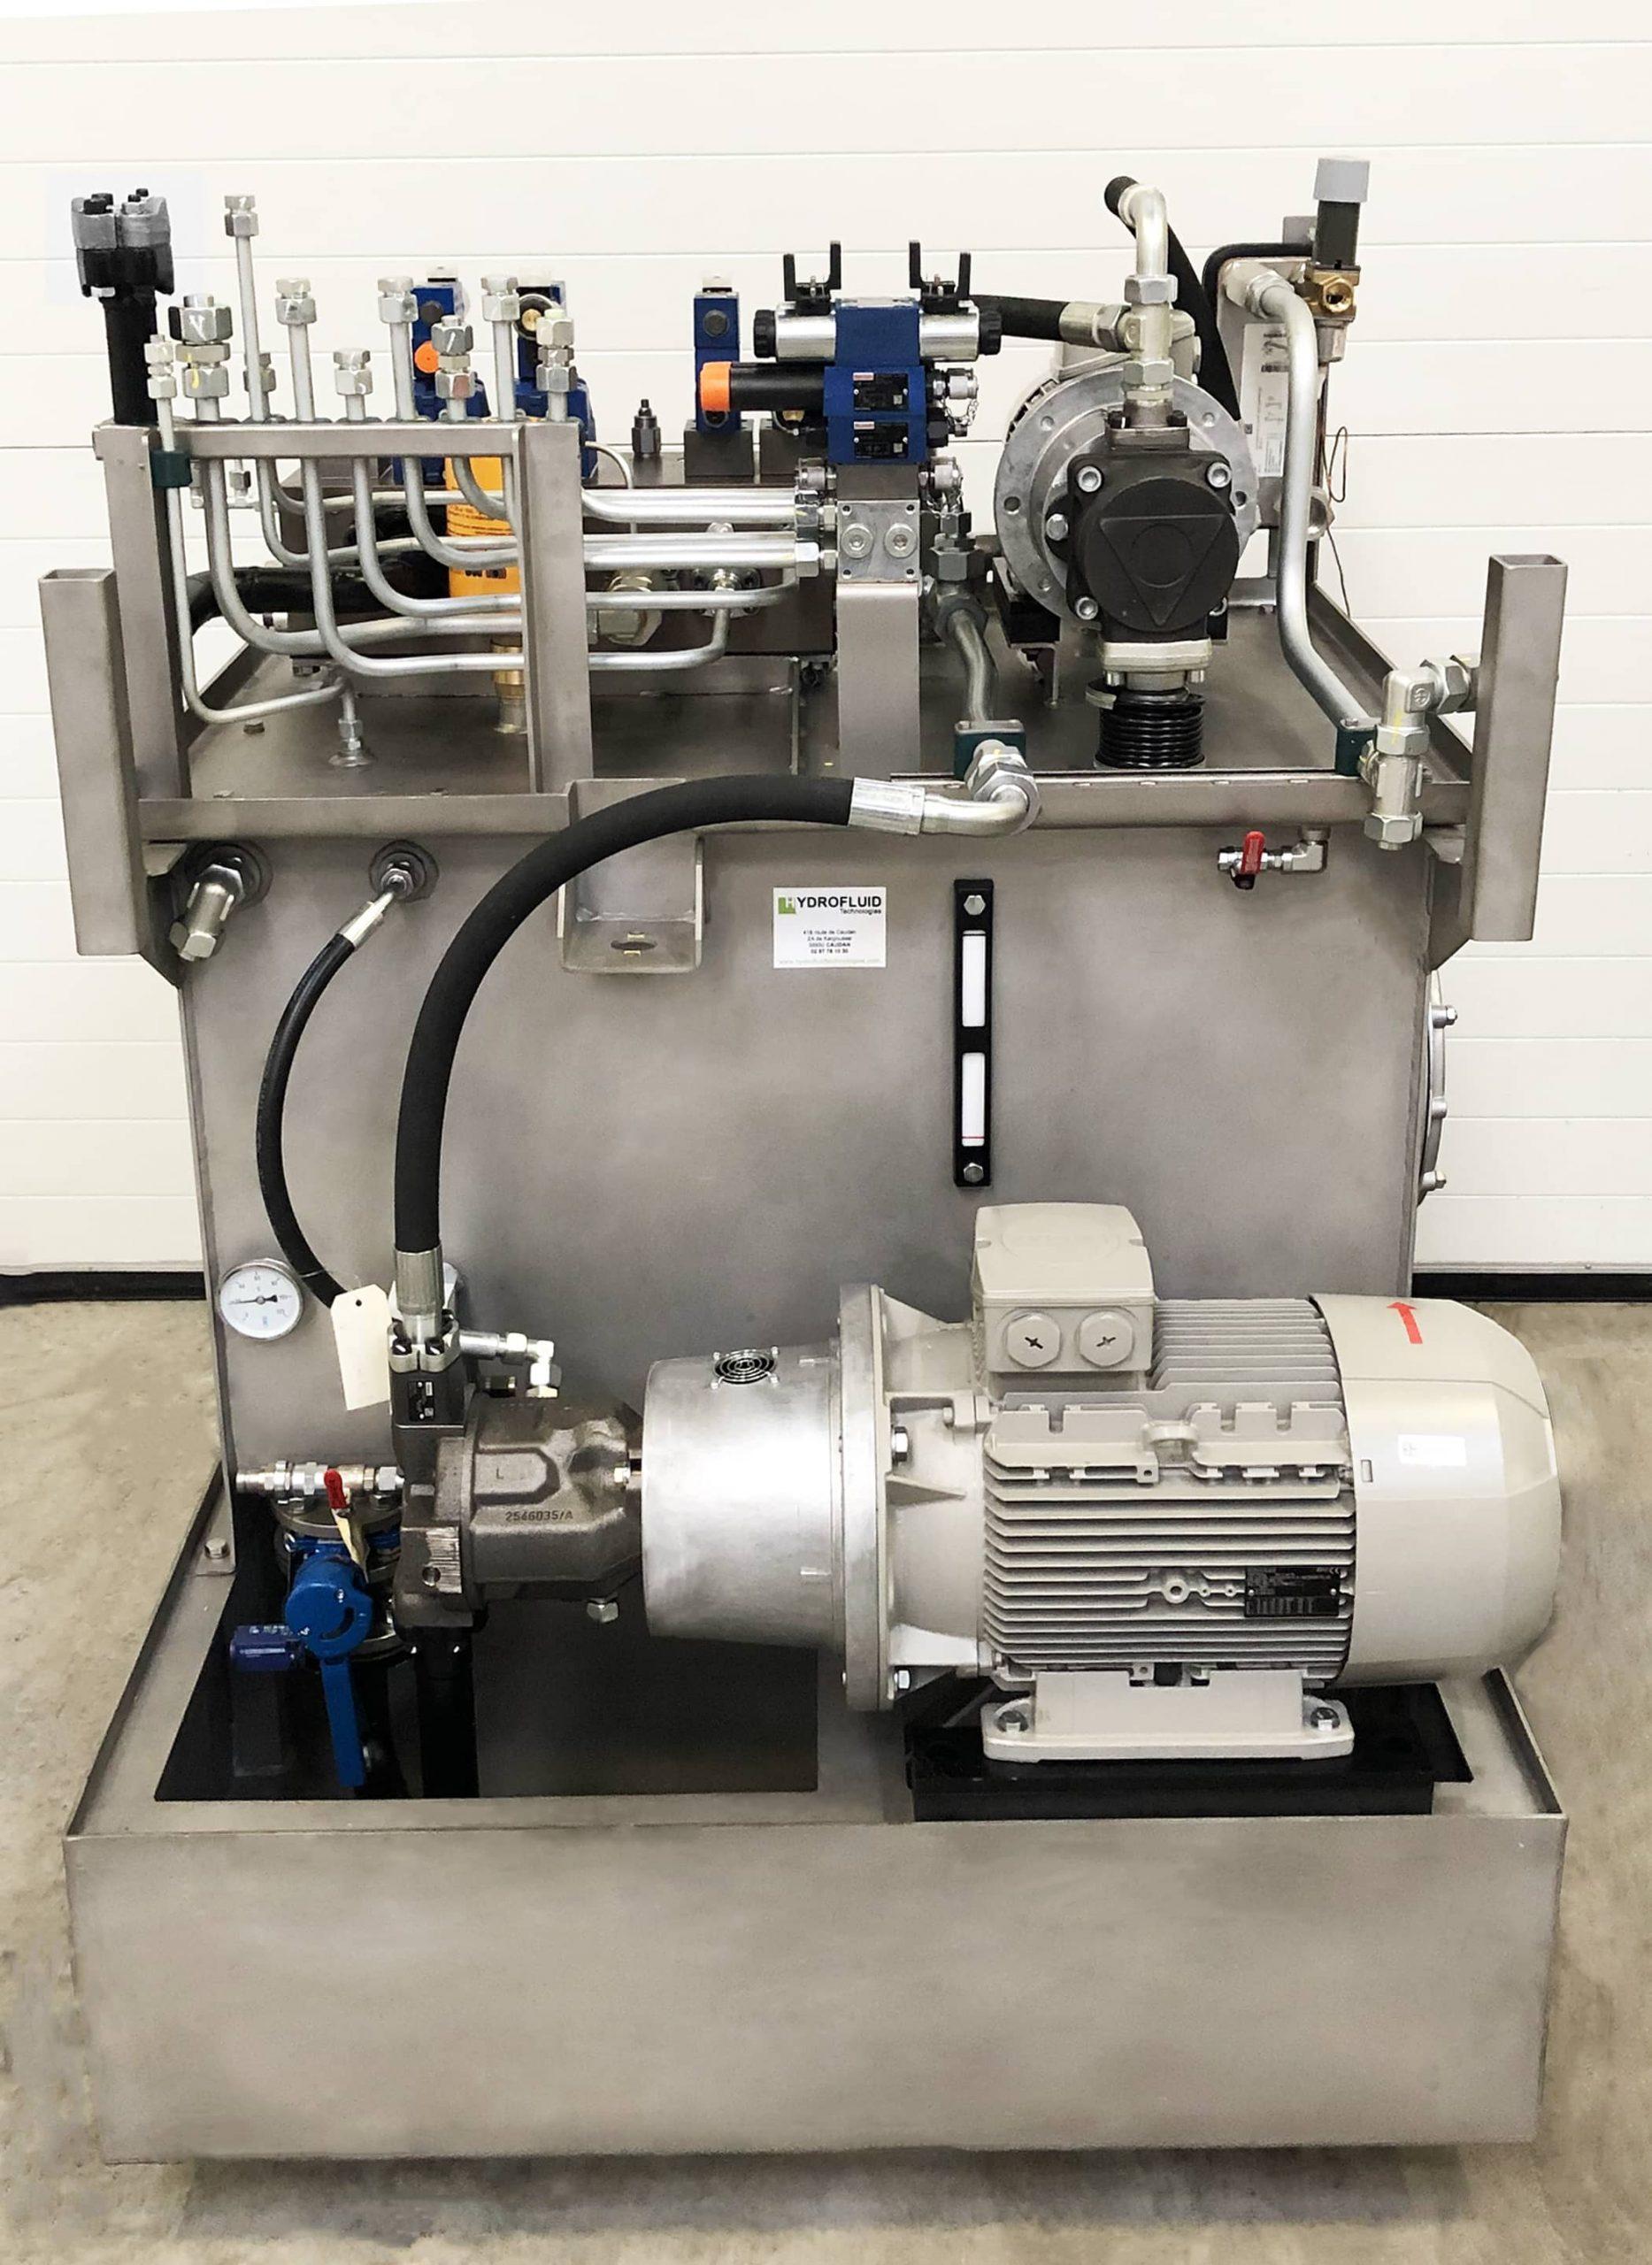 une centrale hydraulique industrielle